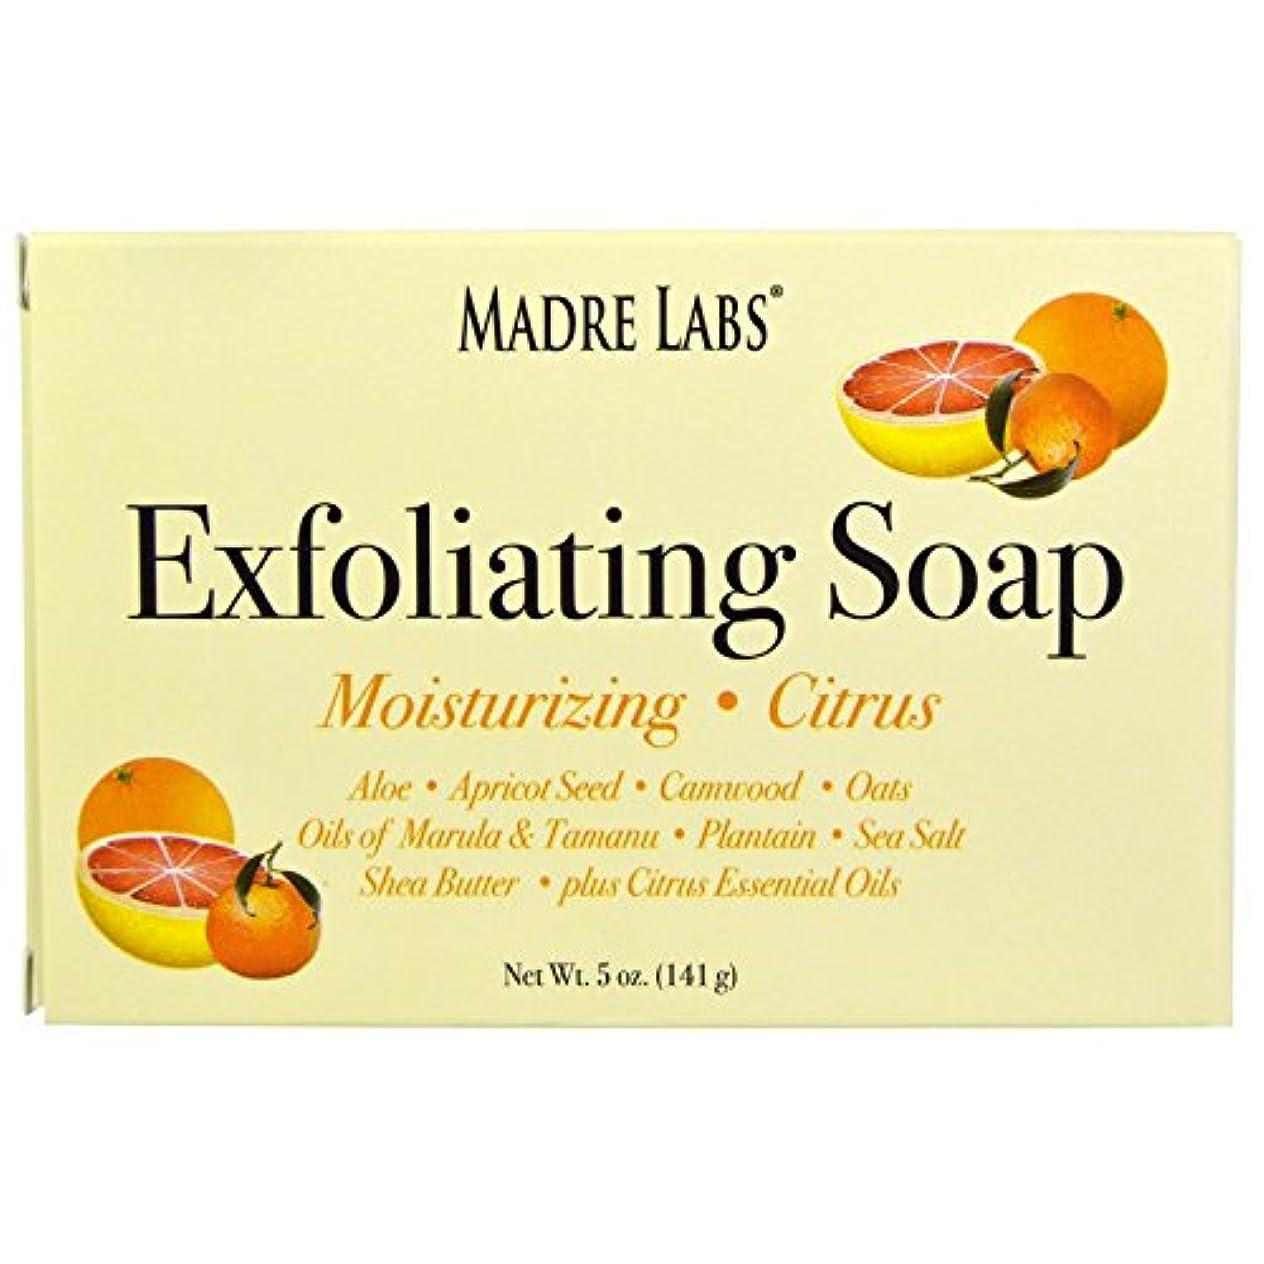 警察署ひばり政治的マドレラブ シアバター入り石鹸 柑橘フレーバー Madre Labs Exfoliating Soap Bar with Marula & Tamanu Oils plus Shea Butter